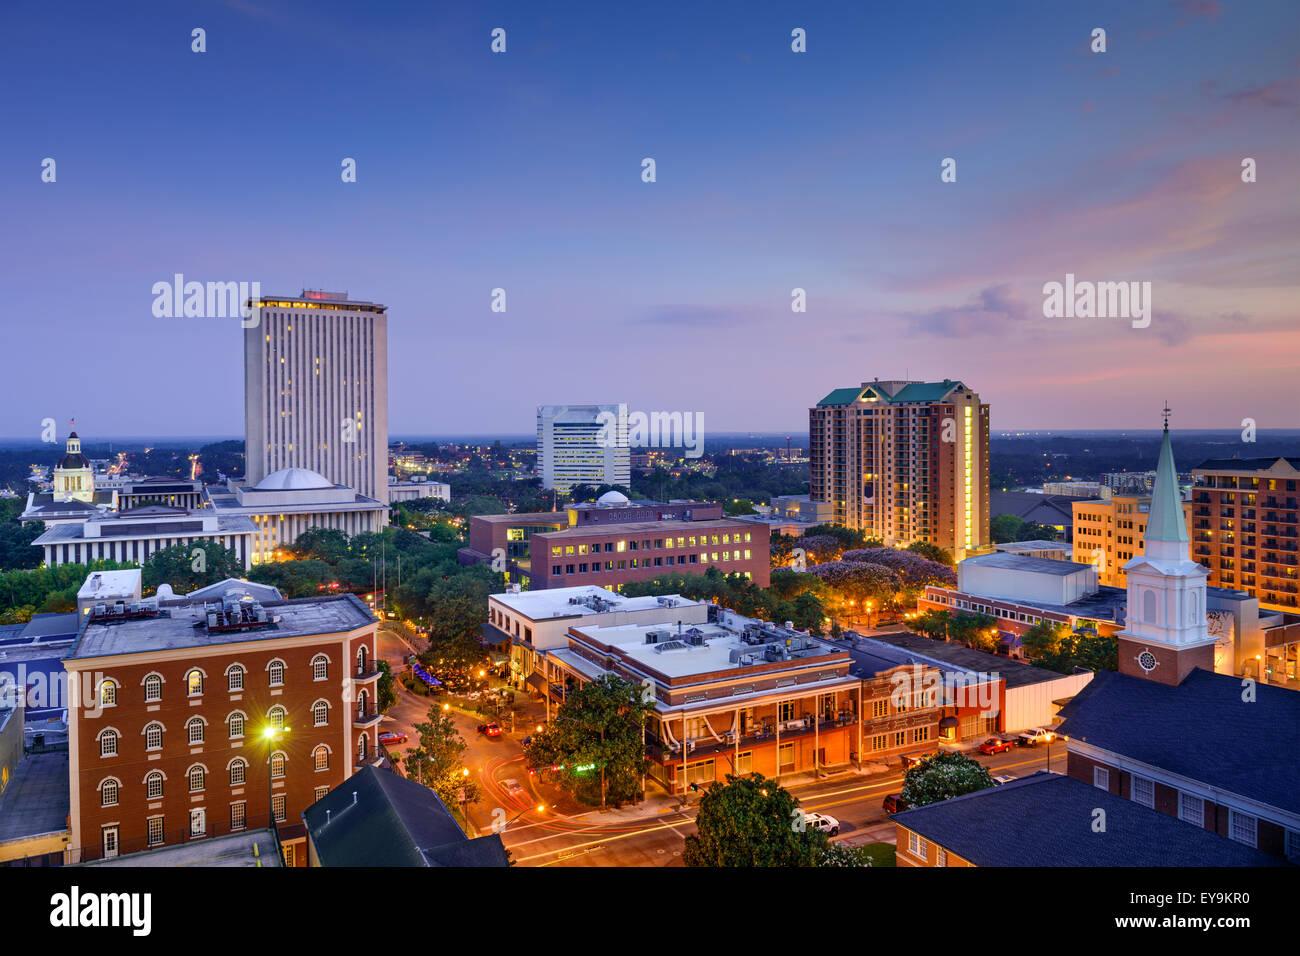 Tallahassee, Florida, EE.UU. Perfil del centro de la ciudad. Imagen De Stock